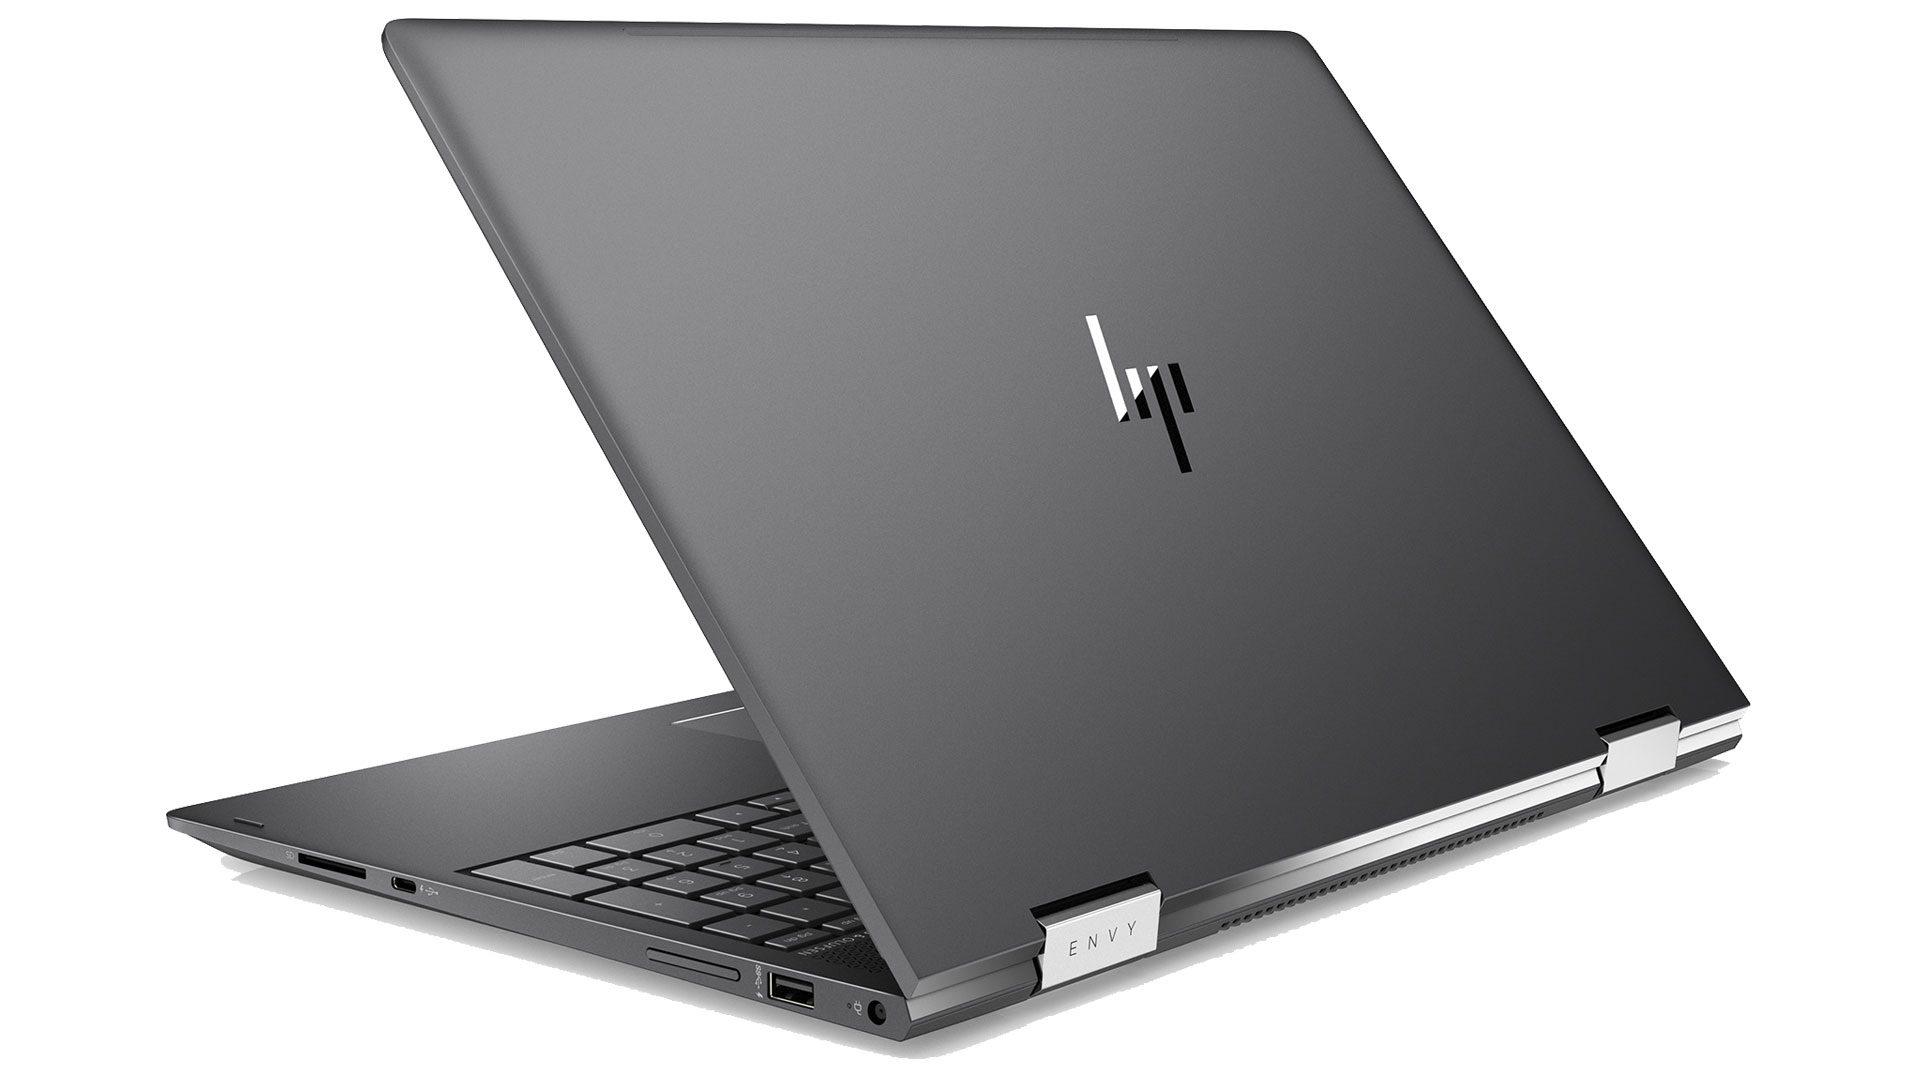 HP-Envy-x360-15-bq102ng_Ansicht-3